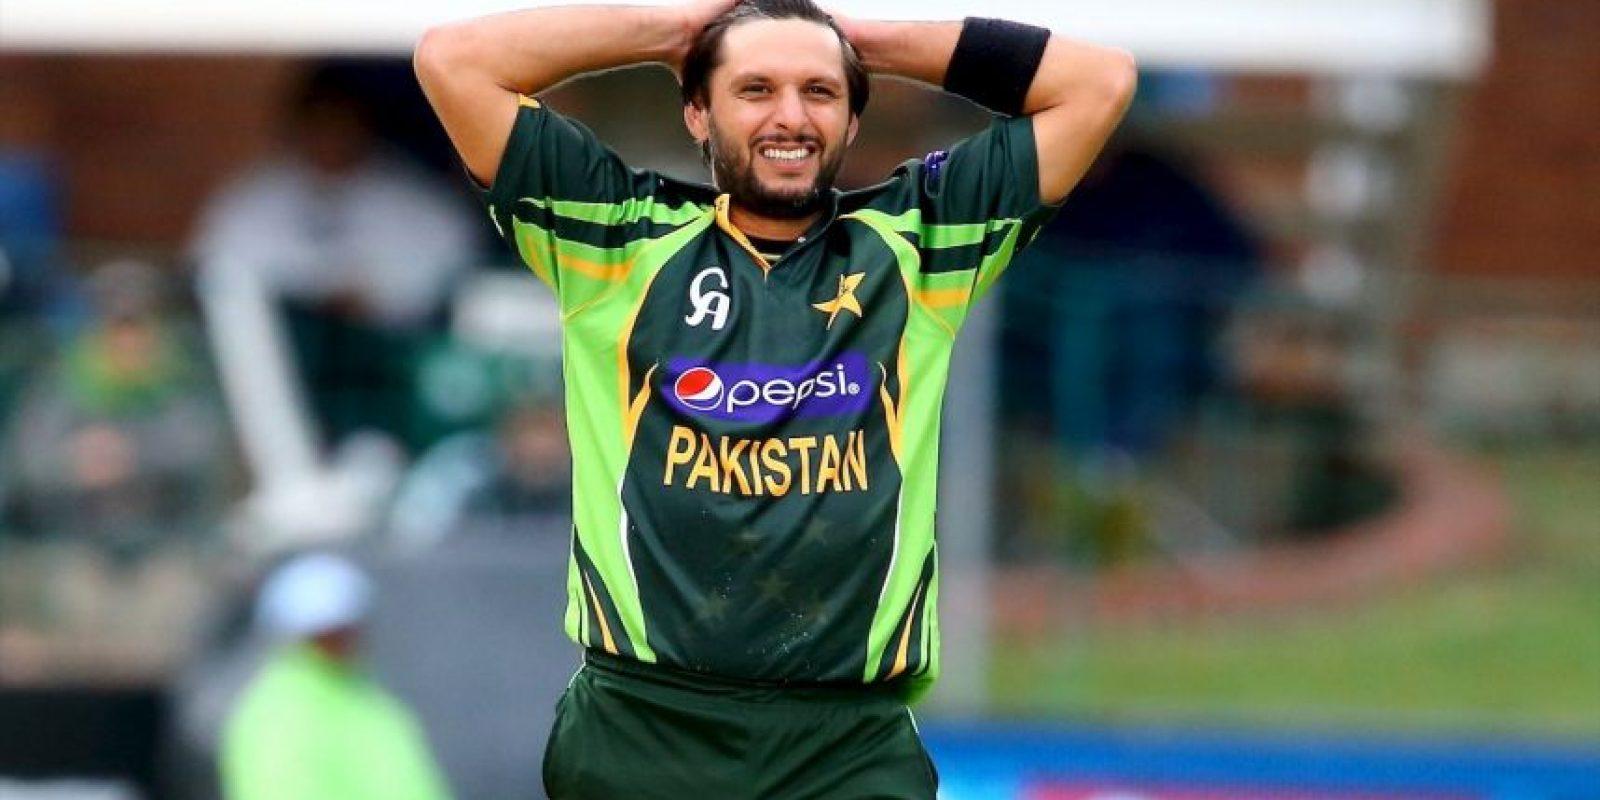 """20. Shahid Afridi. El jugador de críquet de Pakistán estableció la fundación benéfica """"Shahid Afridi Foundation"""", que brinda cuidado de salud y educación a las personas con menos recursos Foto:Getty Images"""